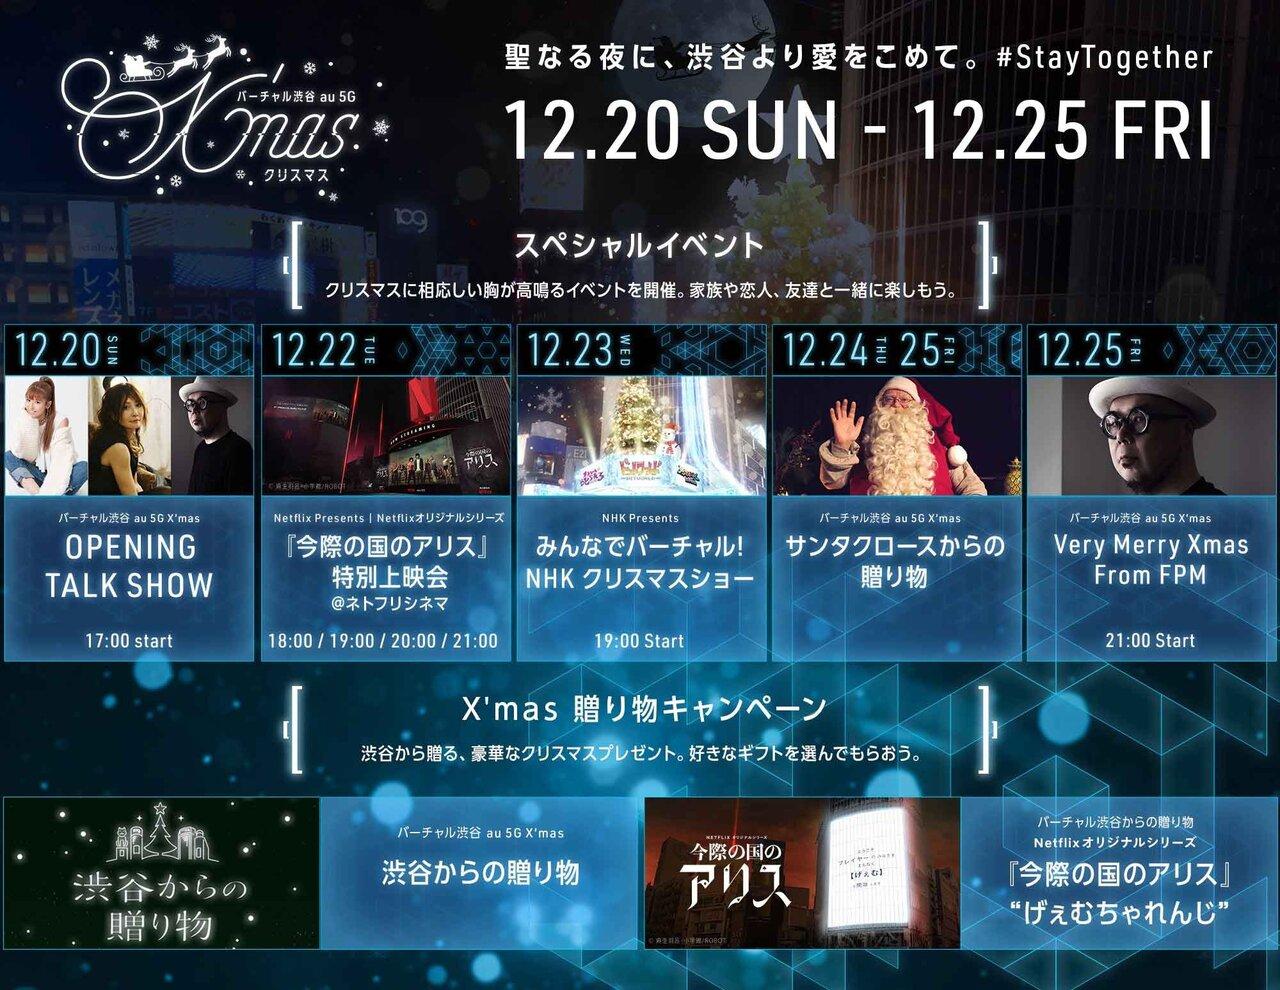 世界が注目するZ世代のシンガーソングライター、エマ・ウォーリンが「バーチャル渋谷 au 5G X'mas」に楽曲提供| VIRTUAL SHIBUYA